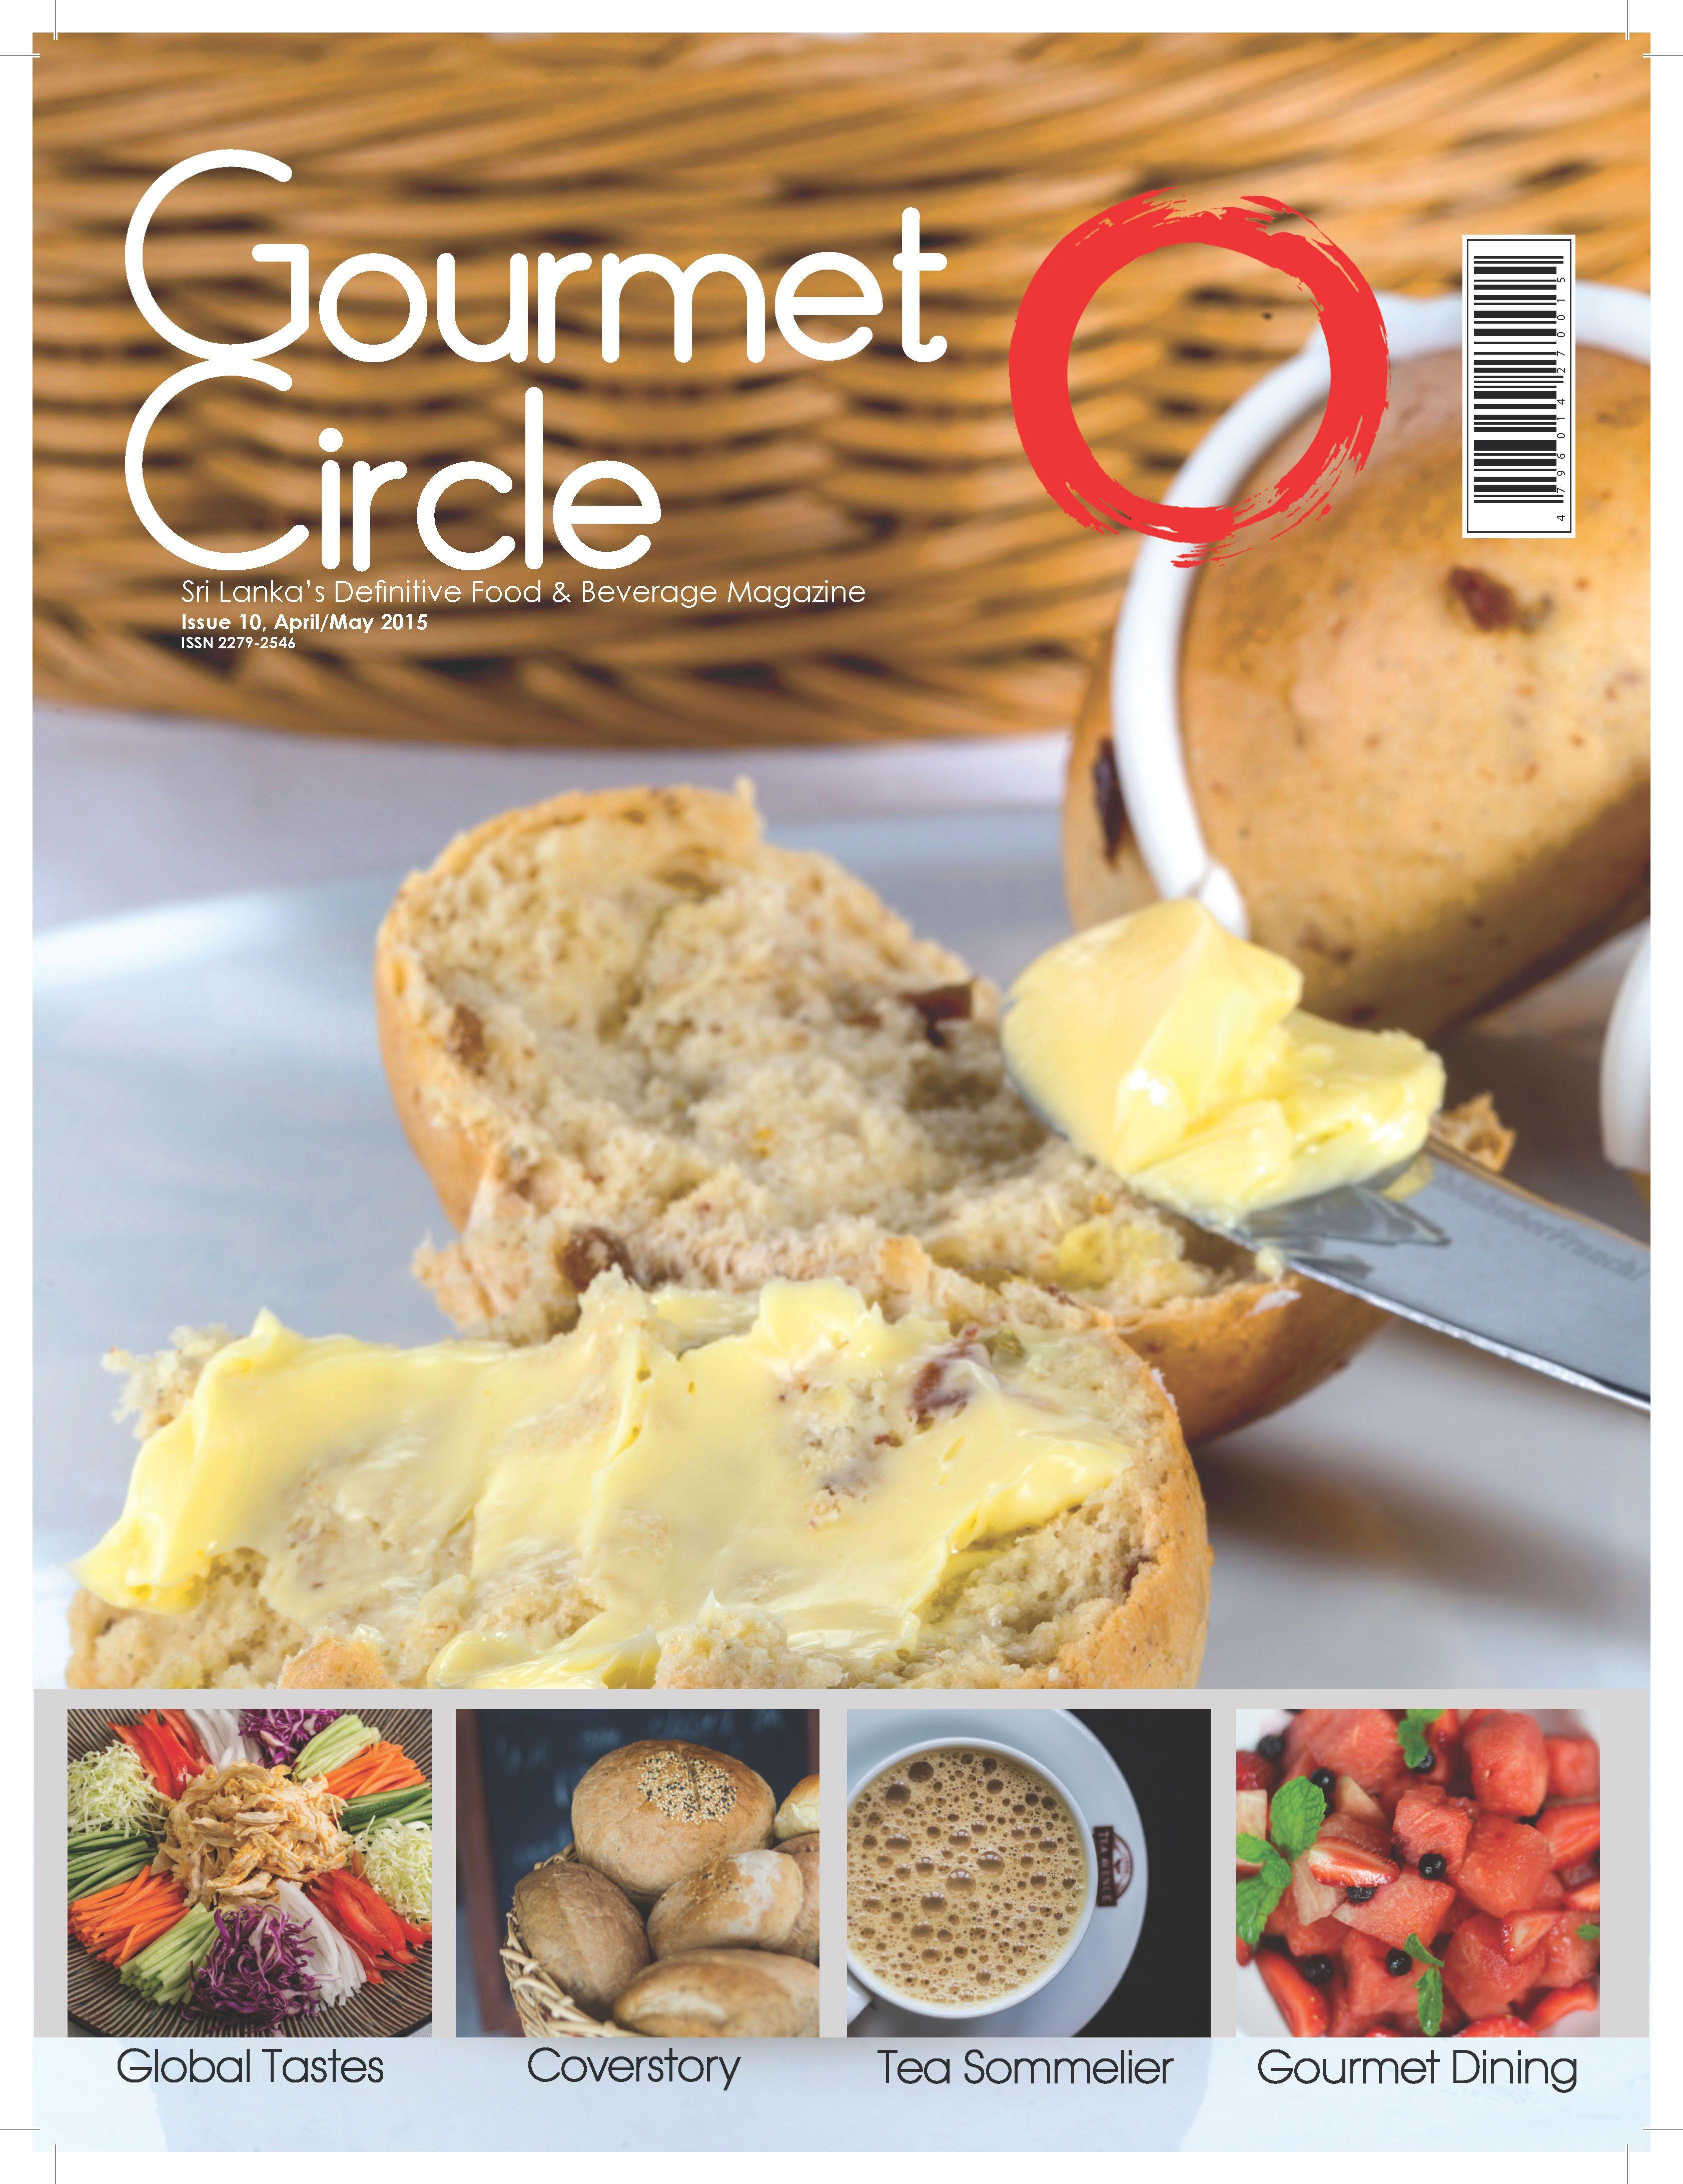 Gourmet Circle, Sri Lanka Issue 10 April/May 2015